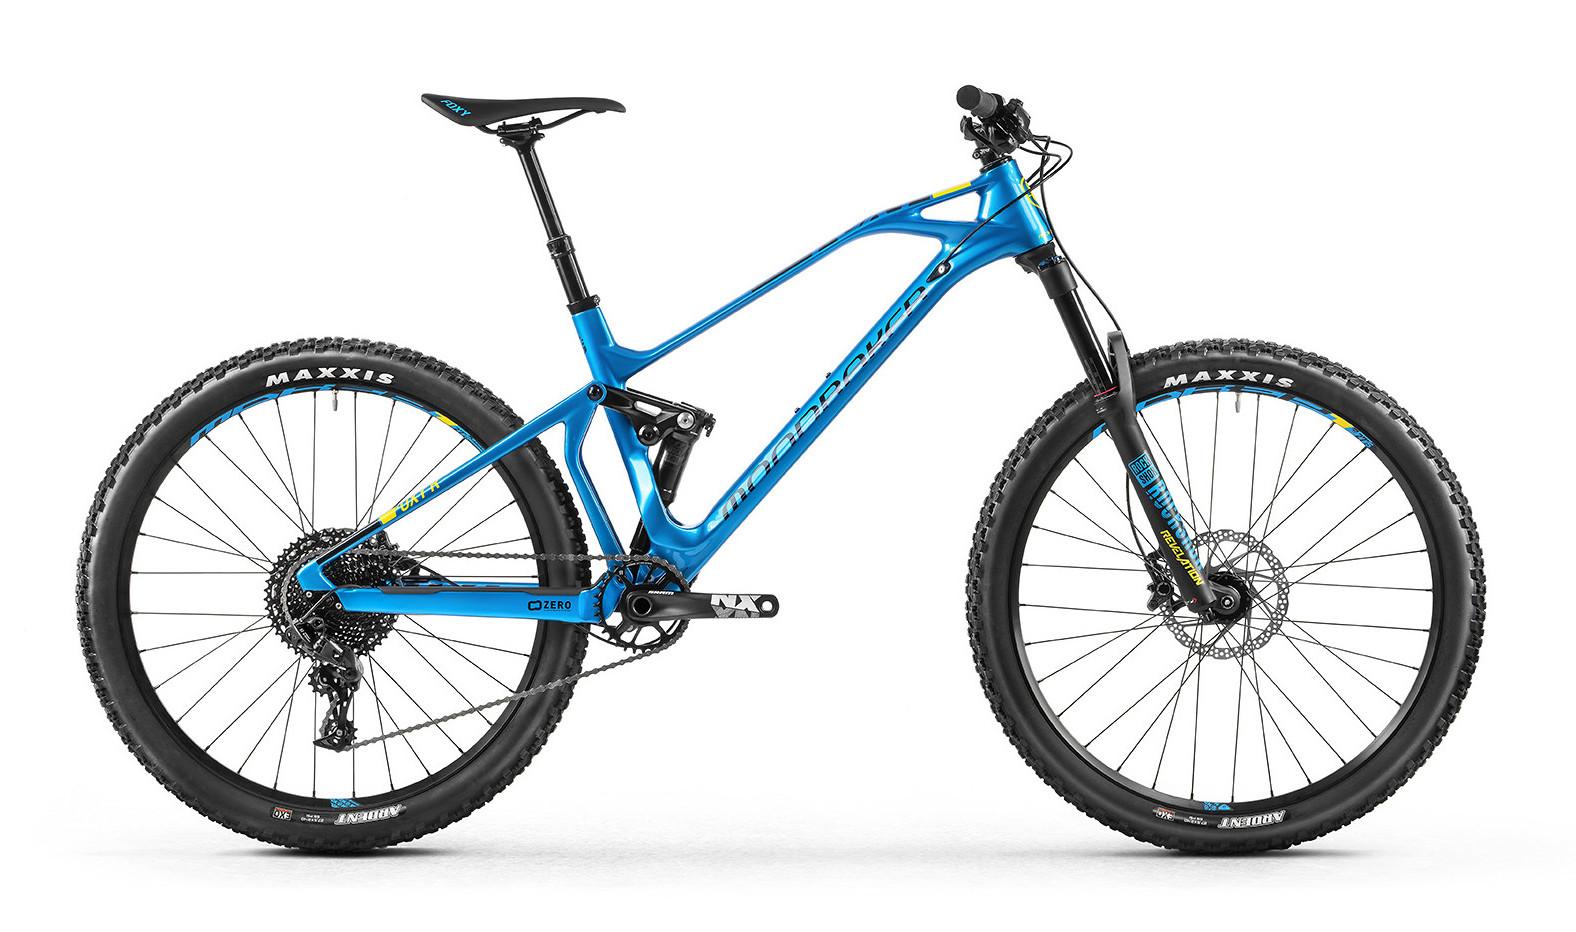 2018 Mondraker Foxy Carbon R Bike 2018_Mondraker_Foxy_Carbon_R